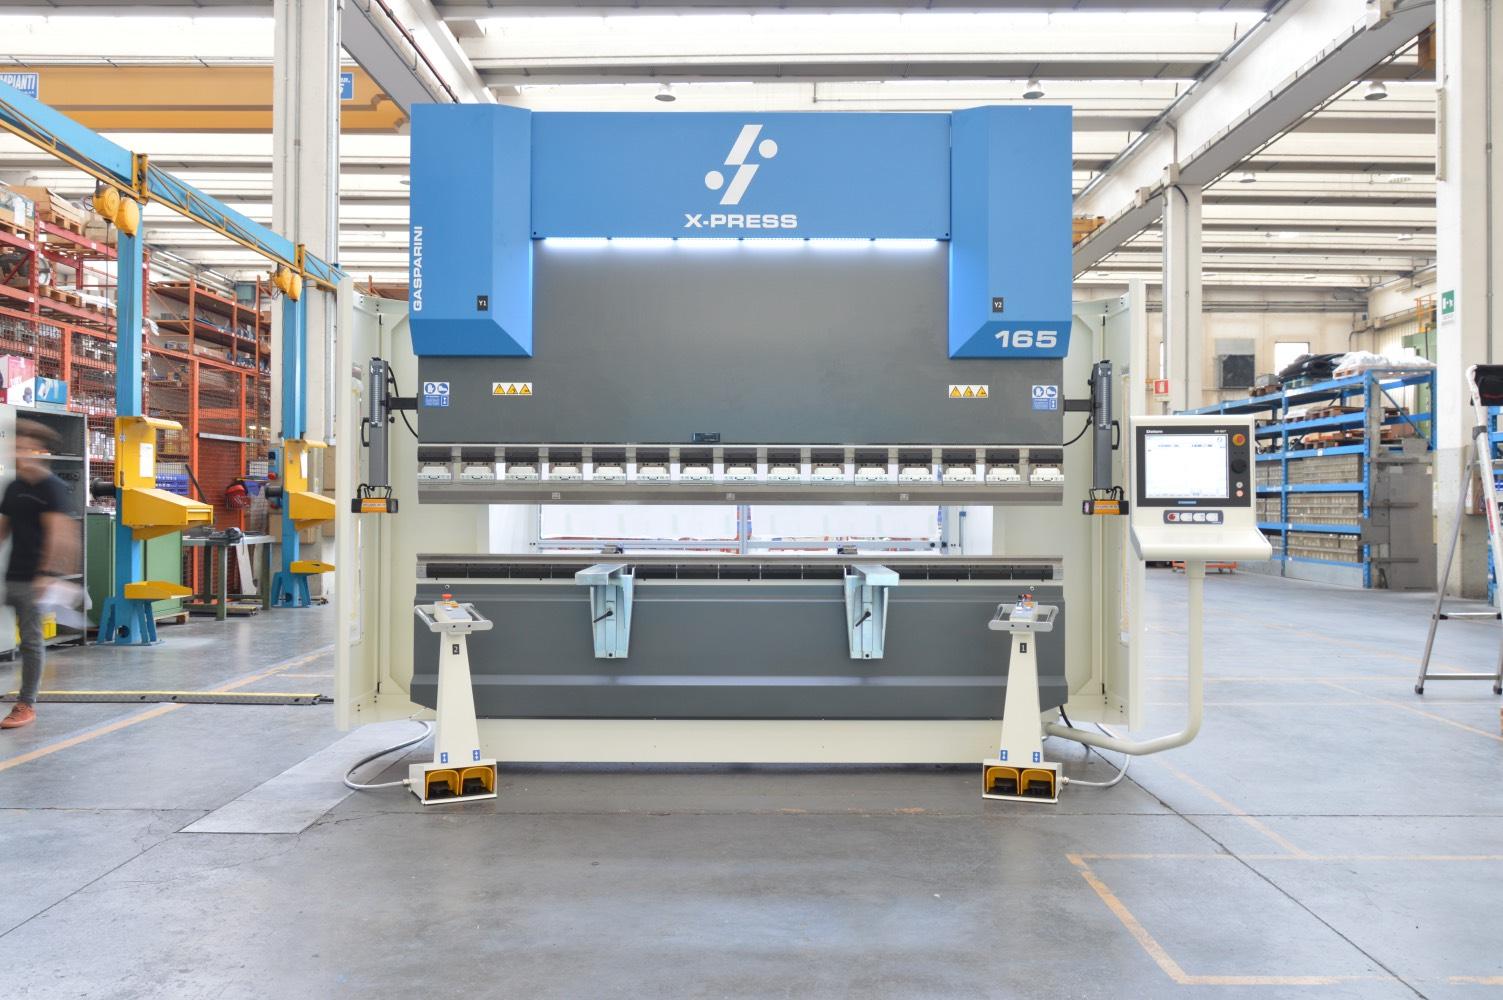 Preis Industrie 4.0 hydraulische Abkantpresse neue